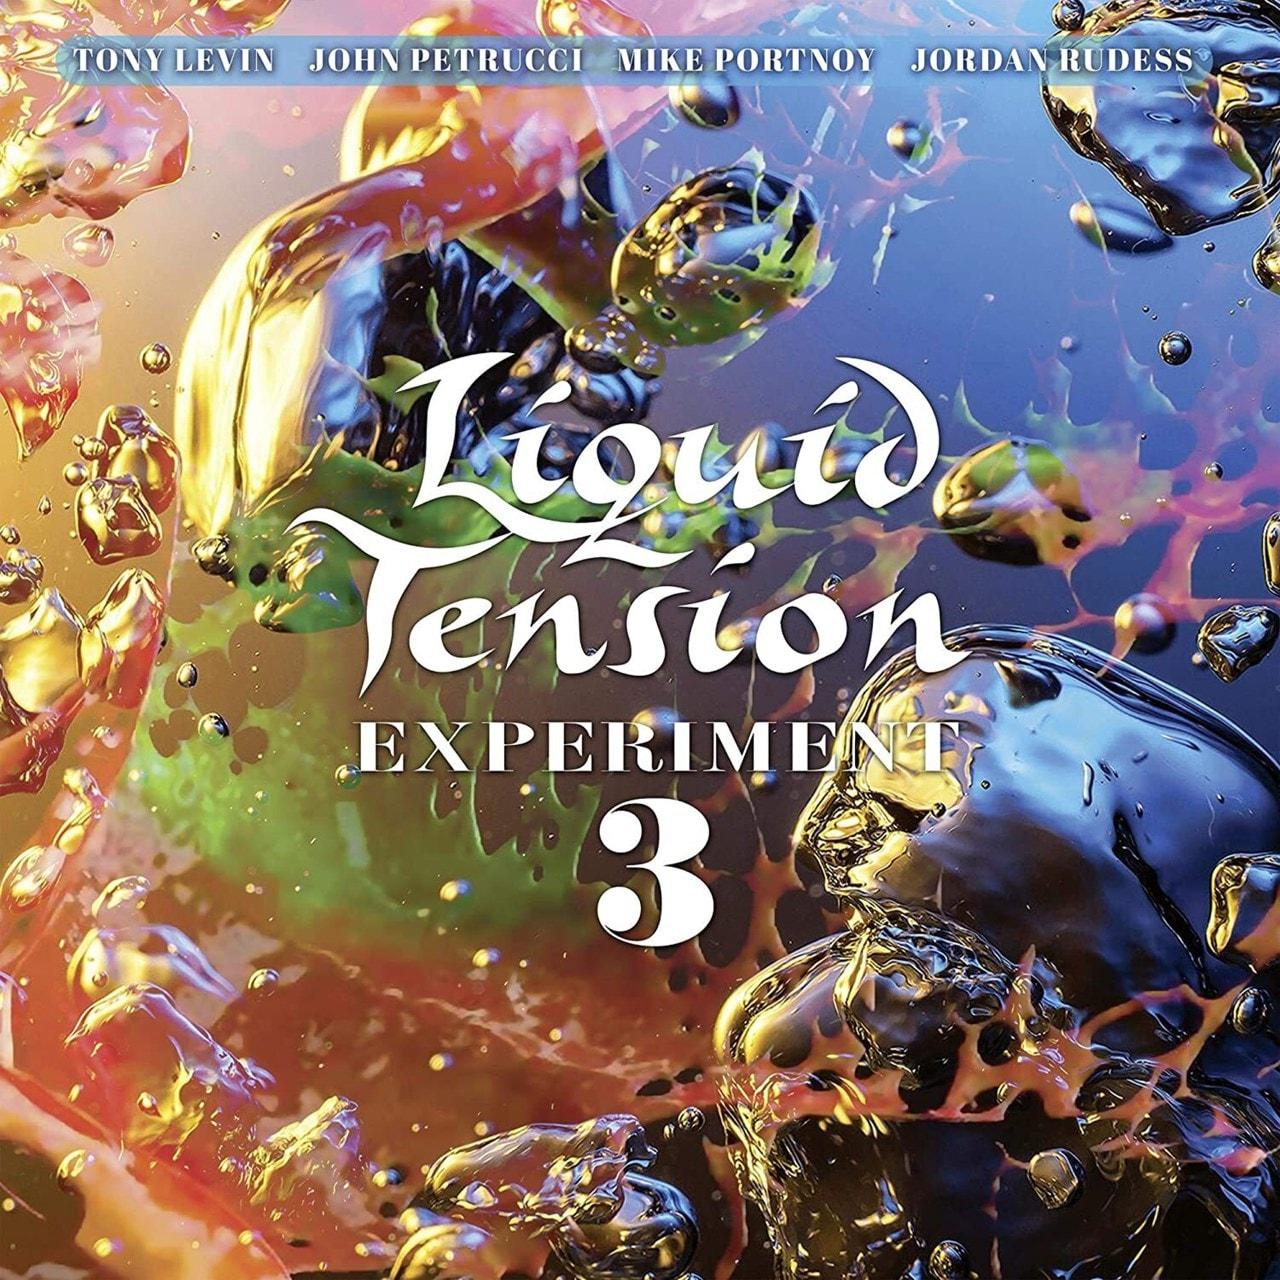 Liquid Tension Experiment 3 - 1